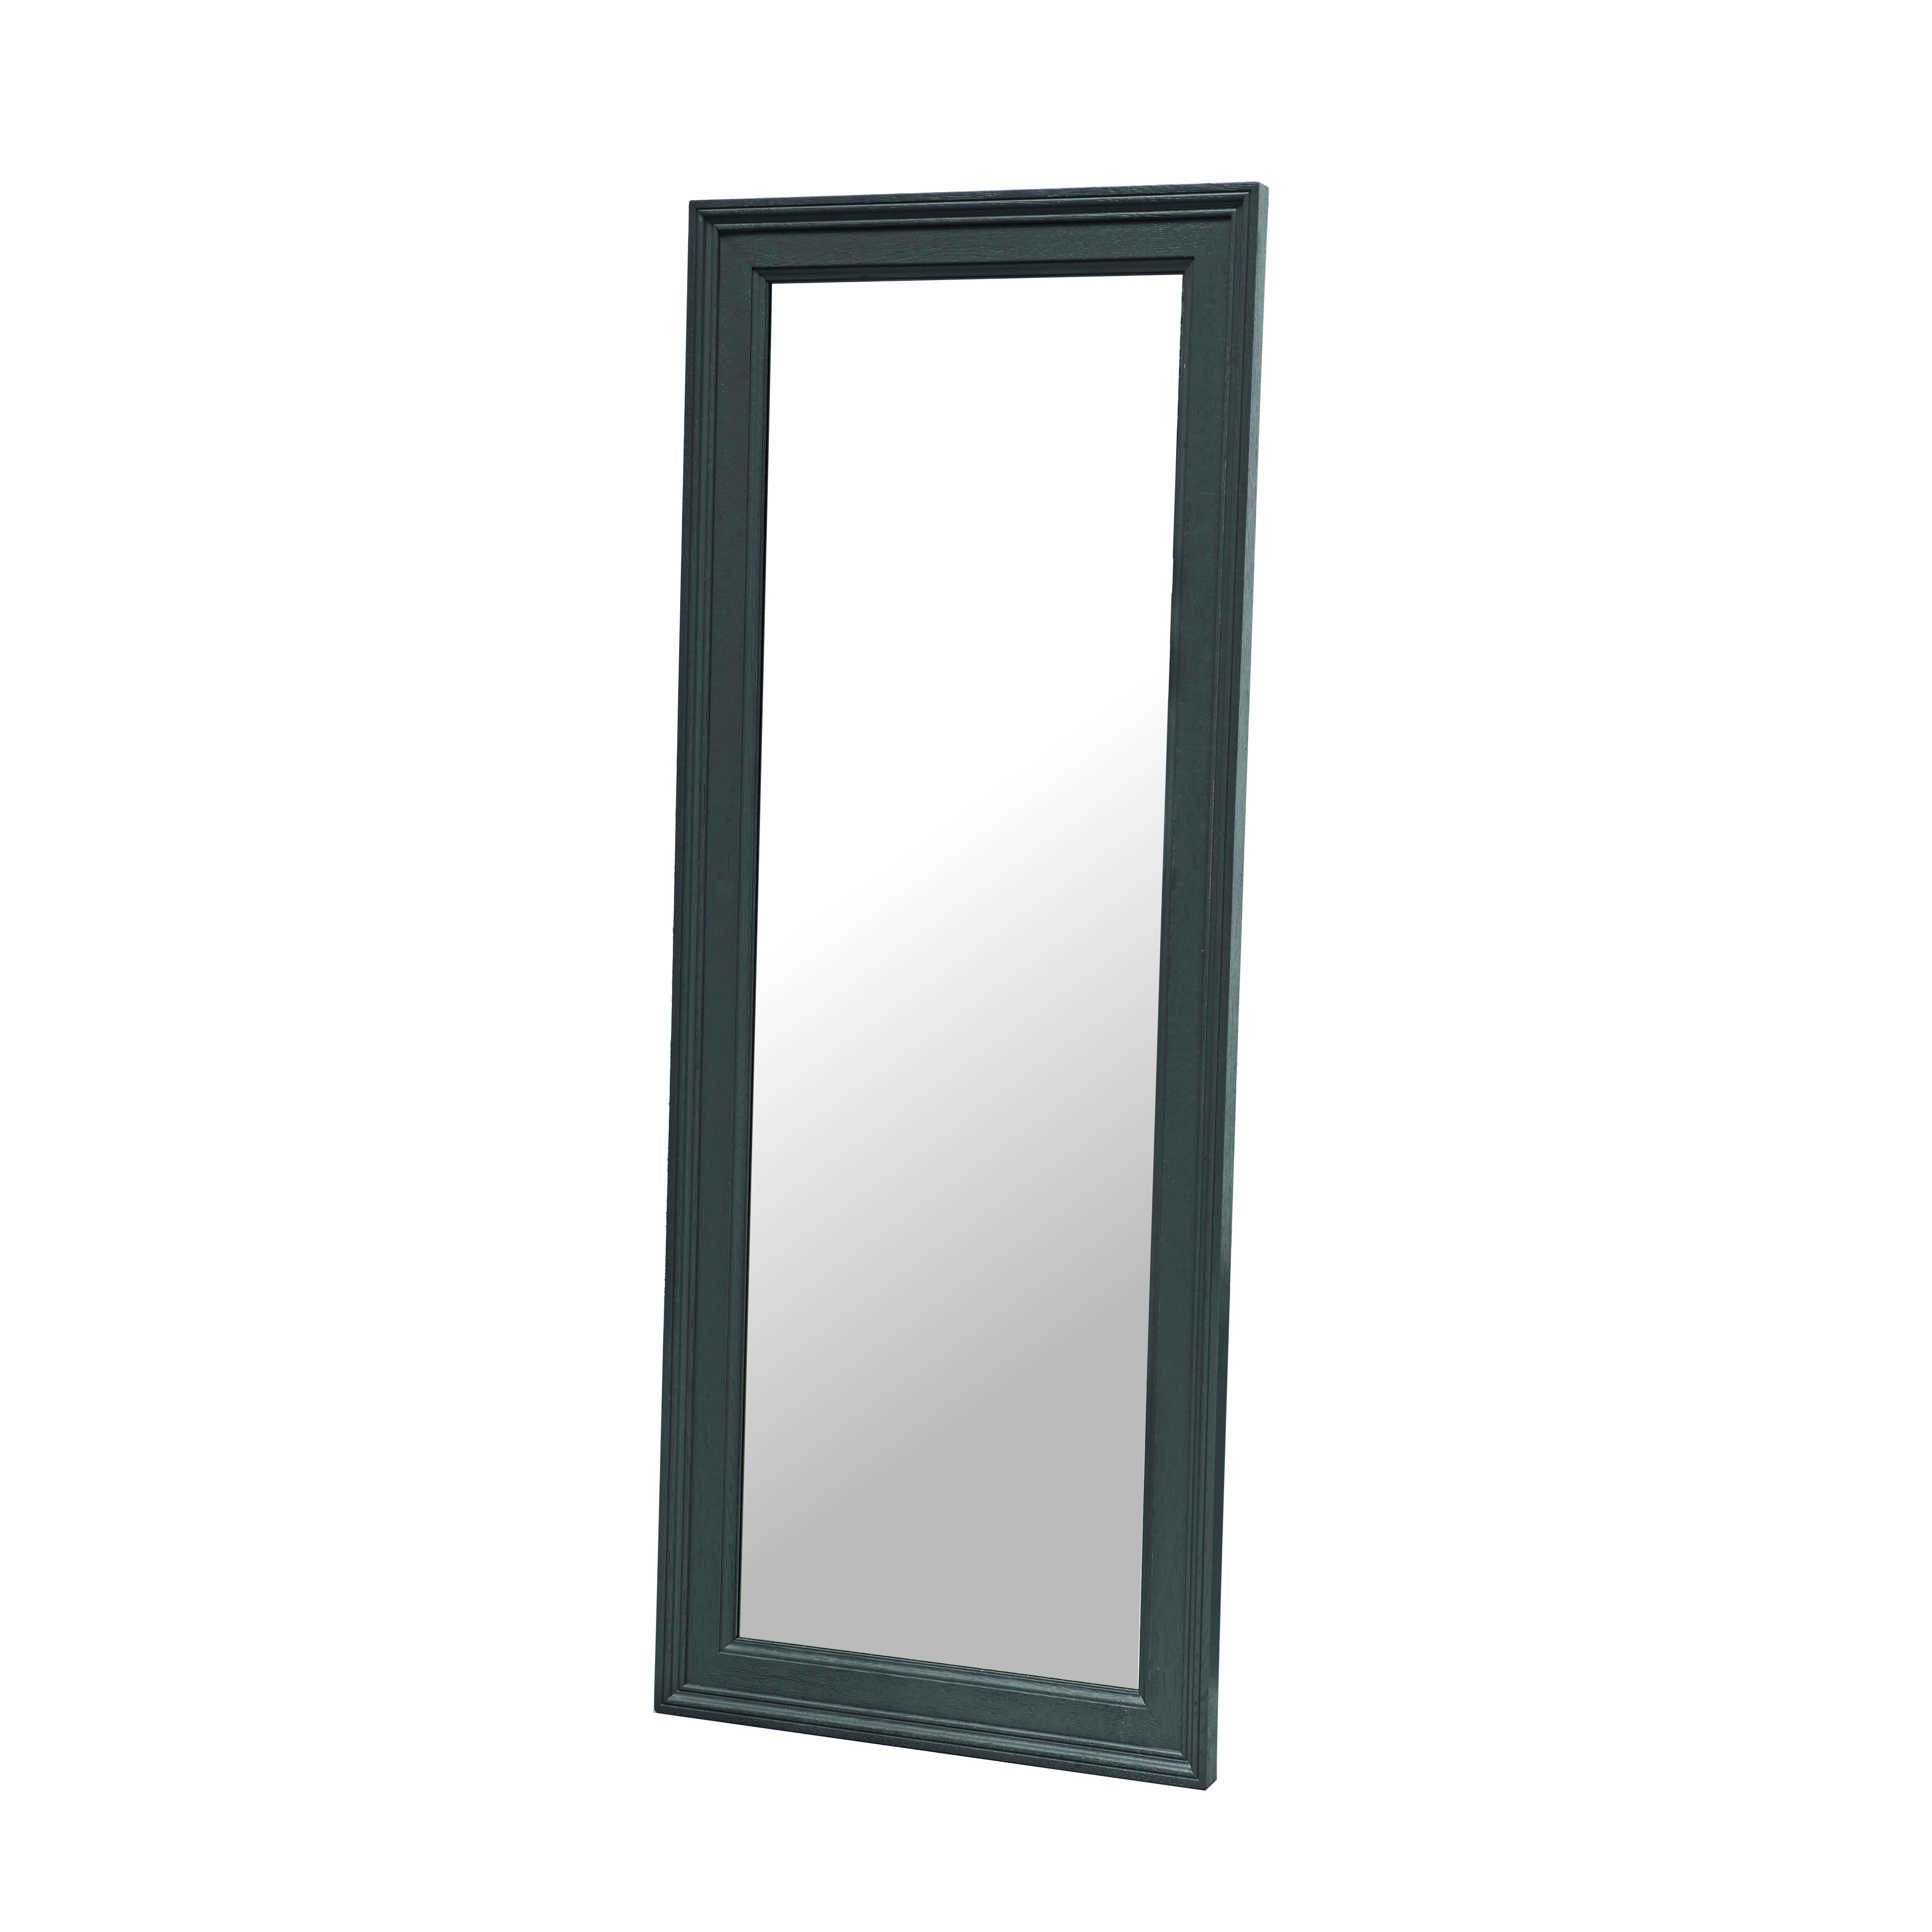 Specchio con cornice in legno Devina Nais Specchi 820SP505